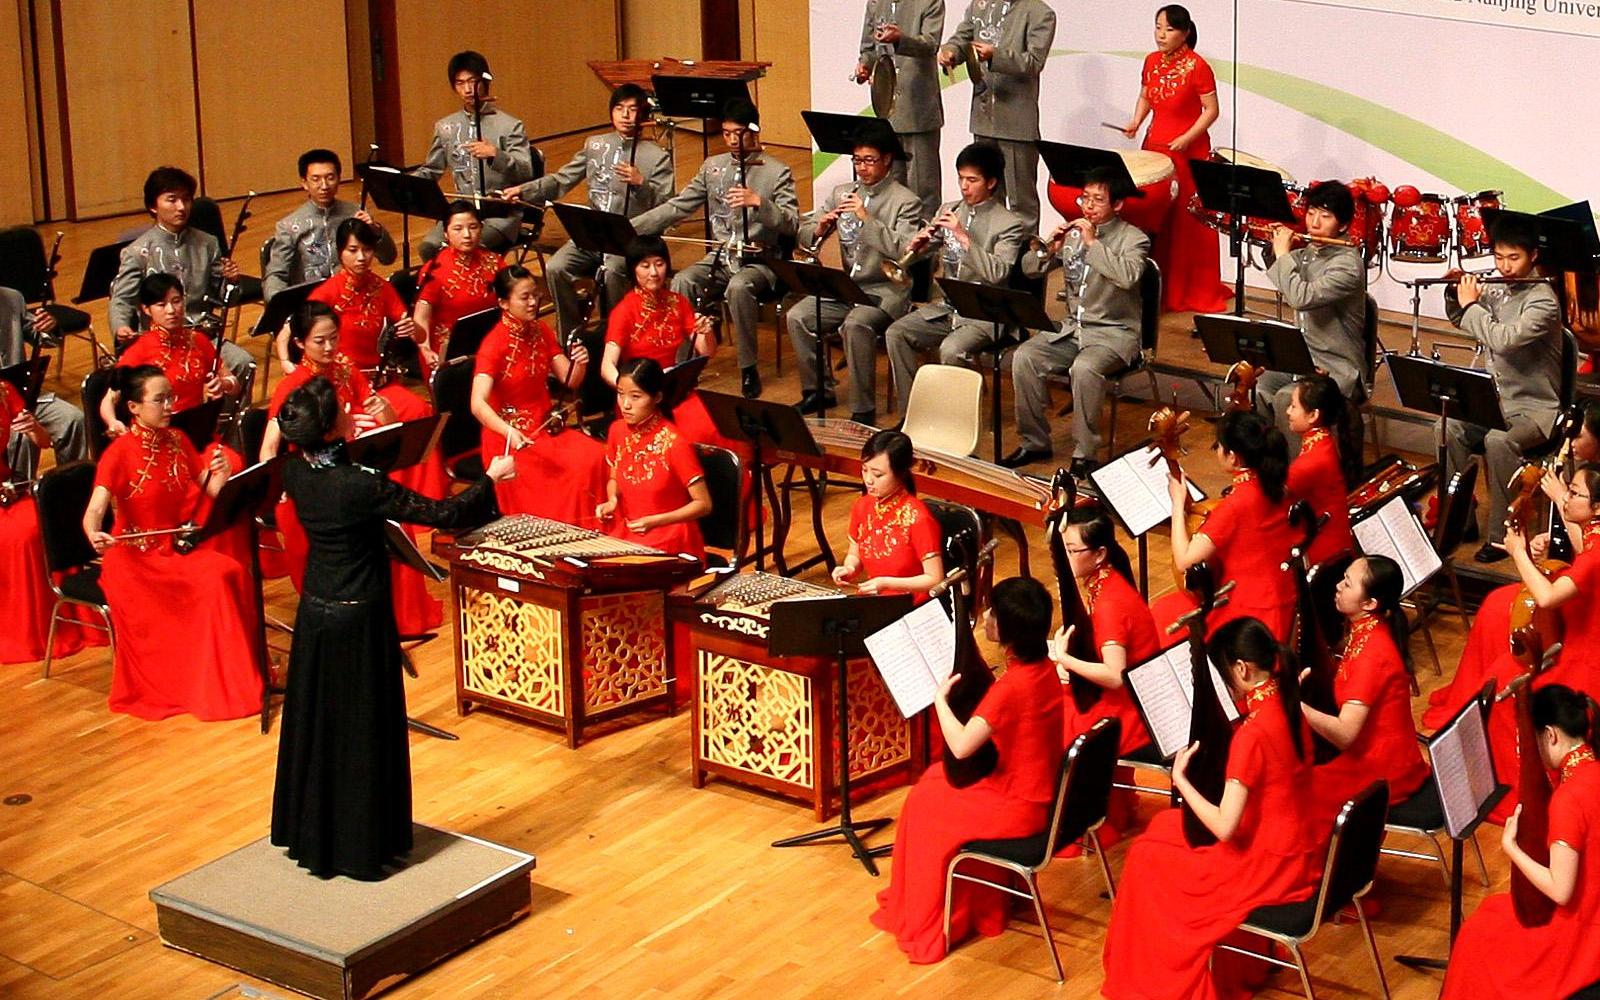 【新竹青年国乐团】第二扬琴协奏曲 和